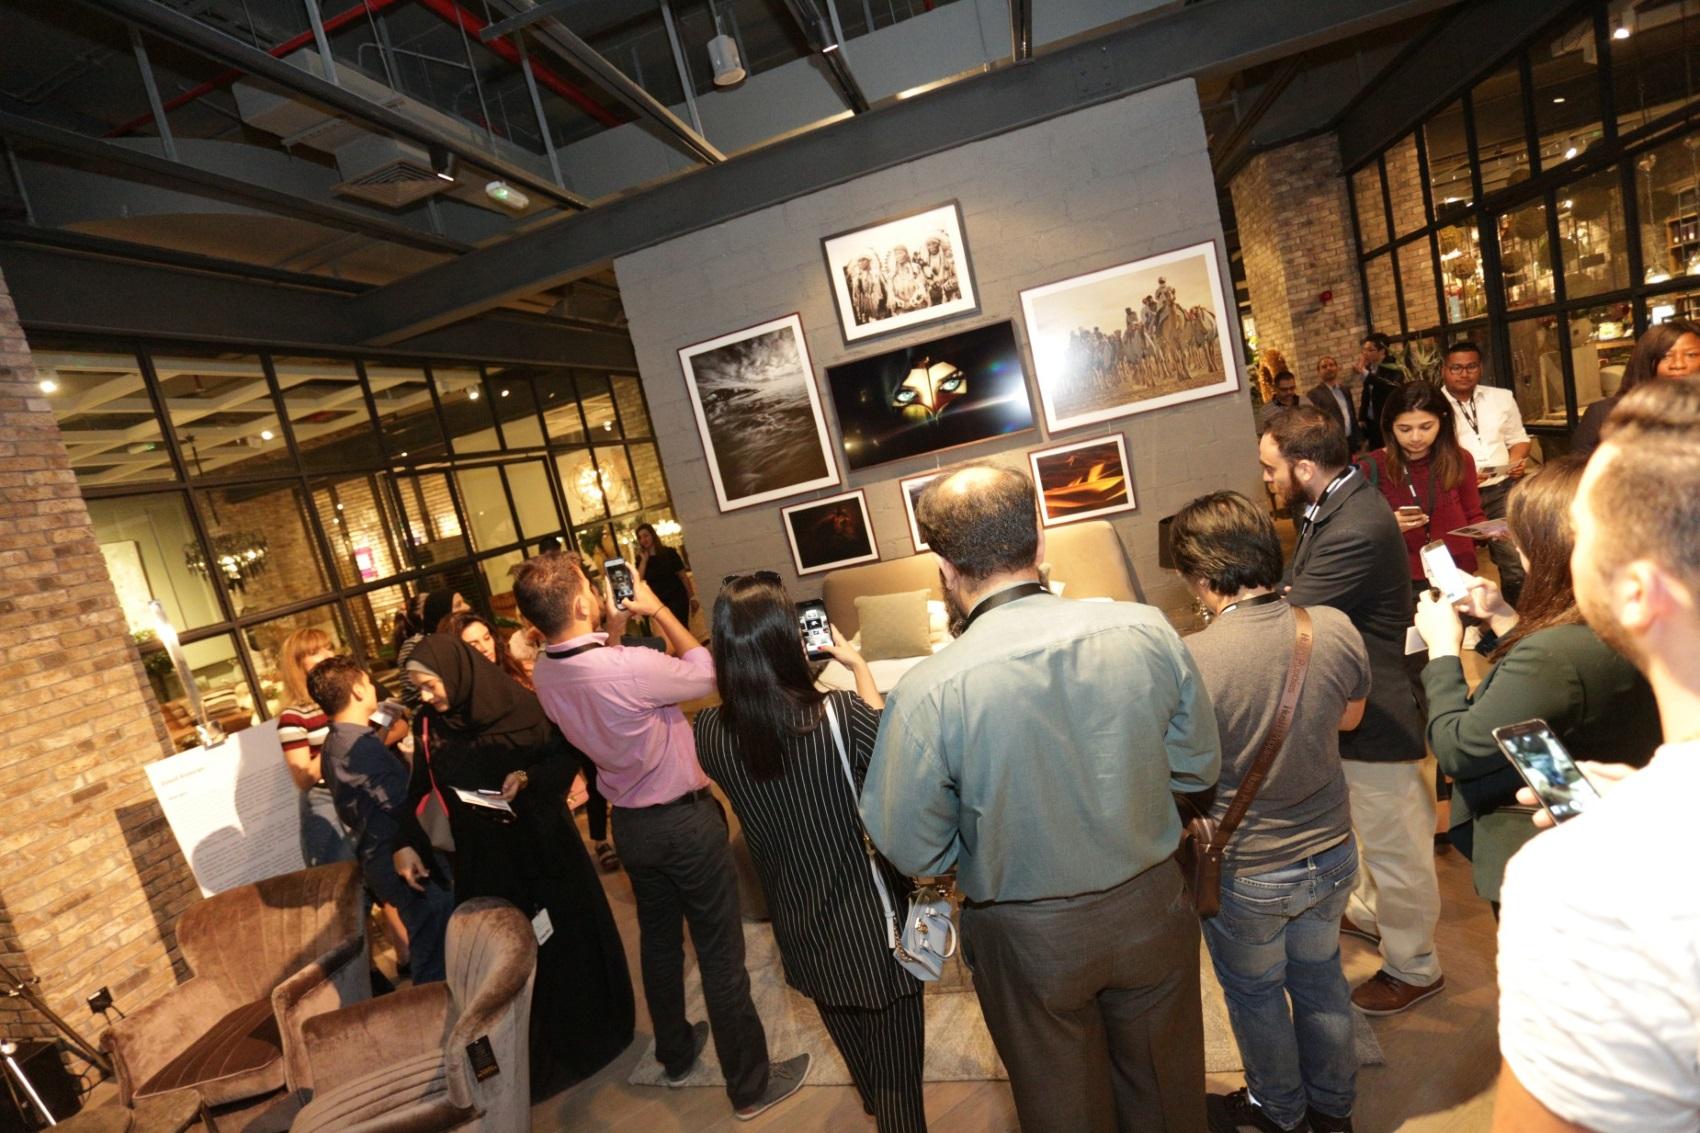 سامسونج تطلق تلفاز عصري بخصائص فنية مبتكرة في الإمارات - البيان